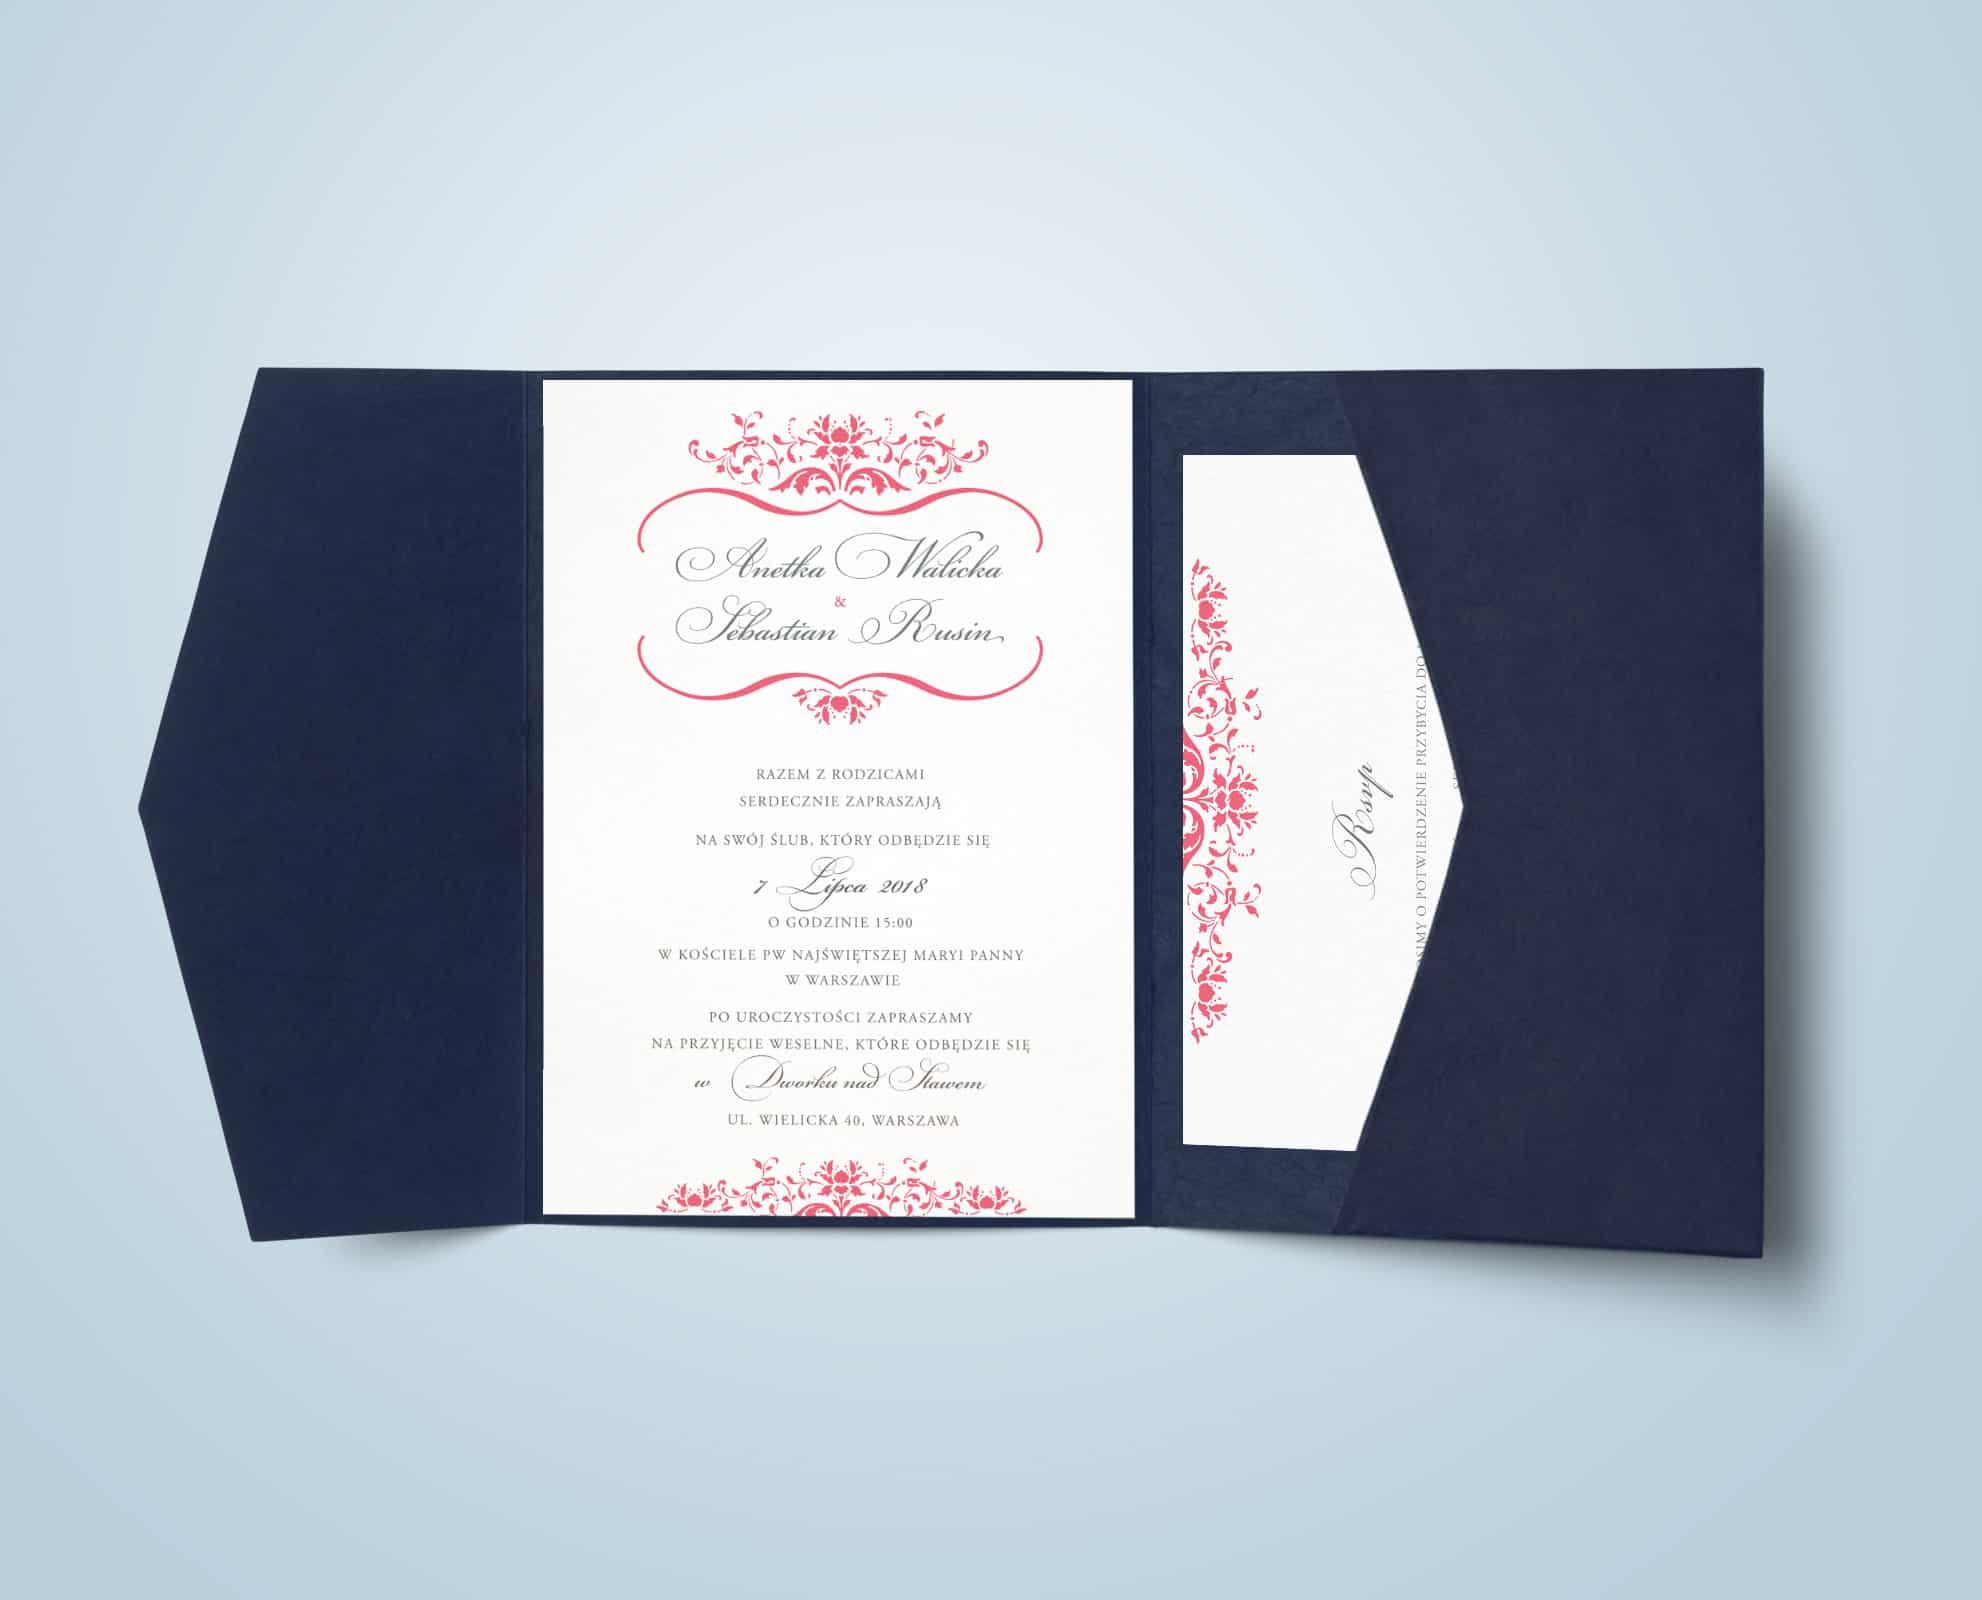 Zaproszenie ślubne w folderze z gustownymi ozdobnikami w kolorze różu